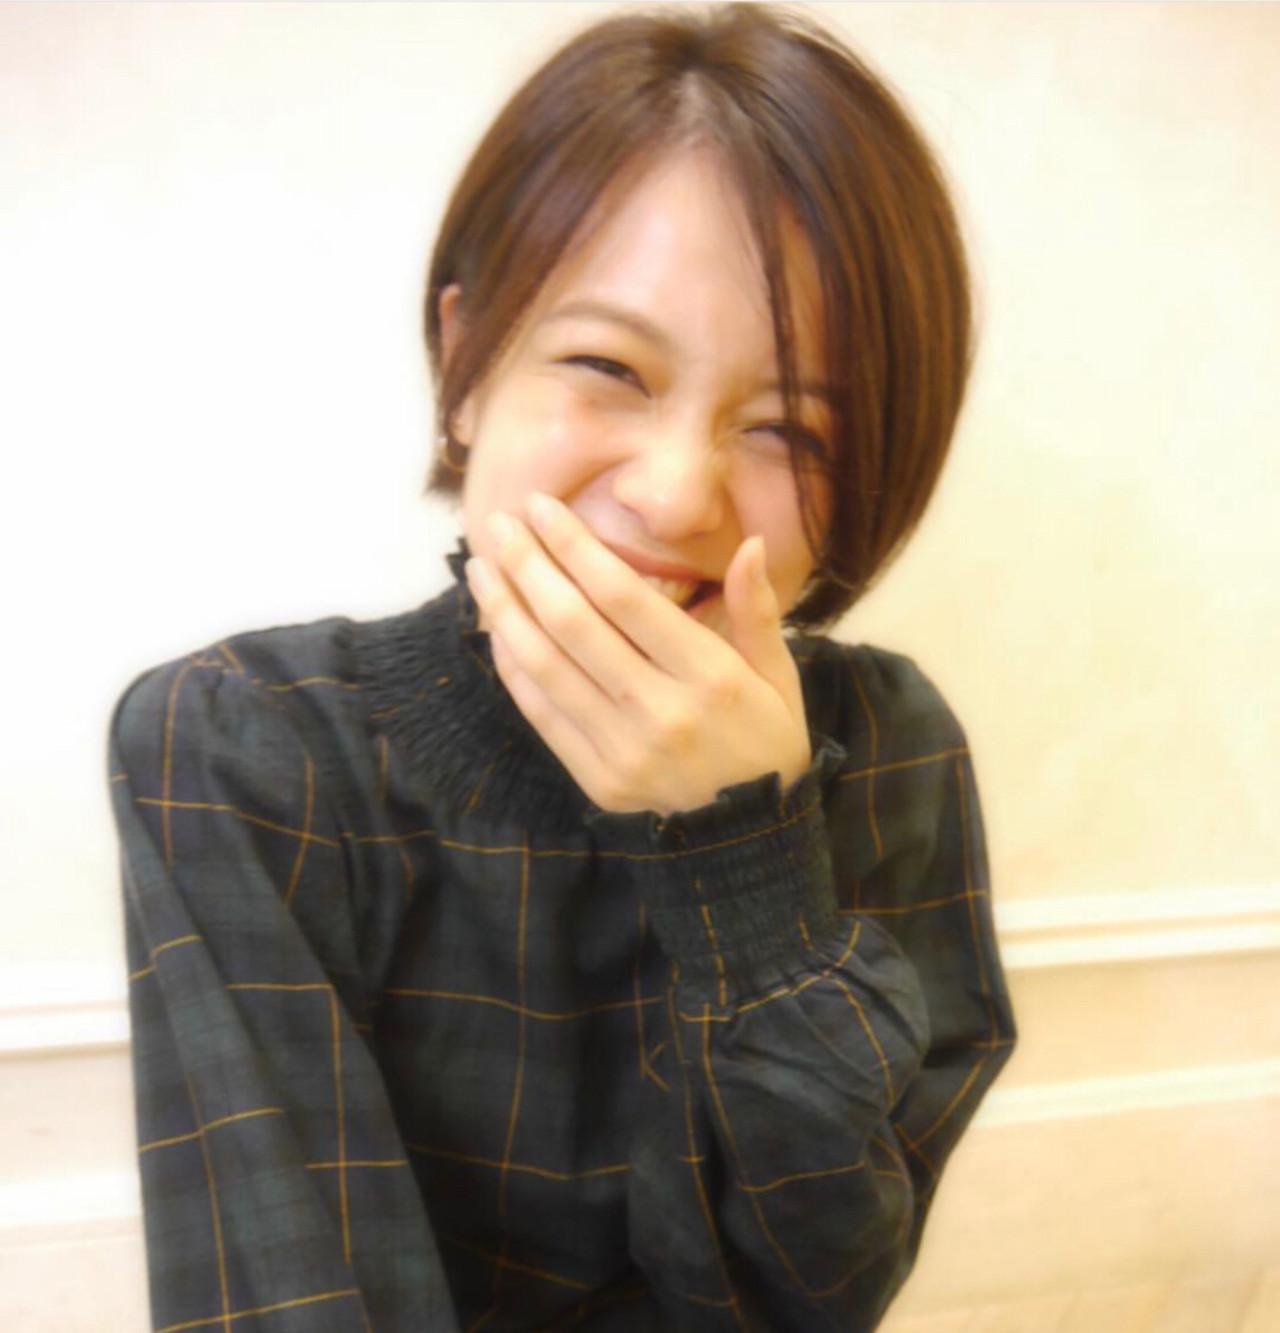 デート オフィス 前髪なし ナチュラル ヘアスタイルや髪型の写真・画像 | 坂口 南 / kakimoto arms二子玉川